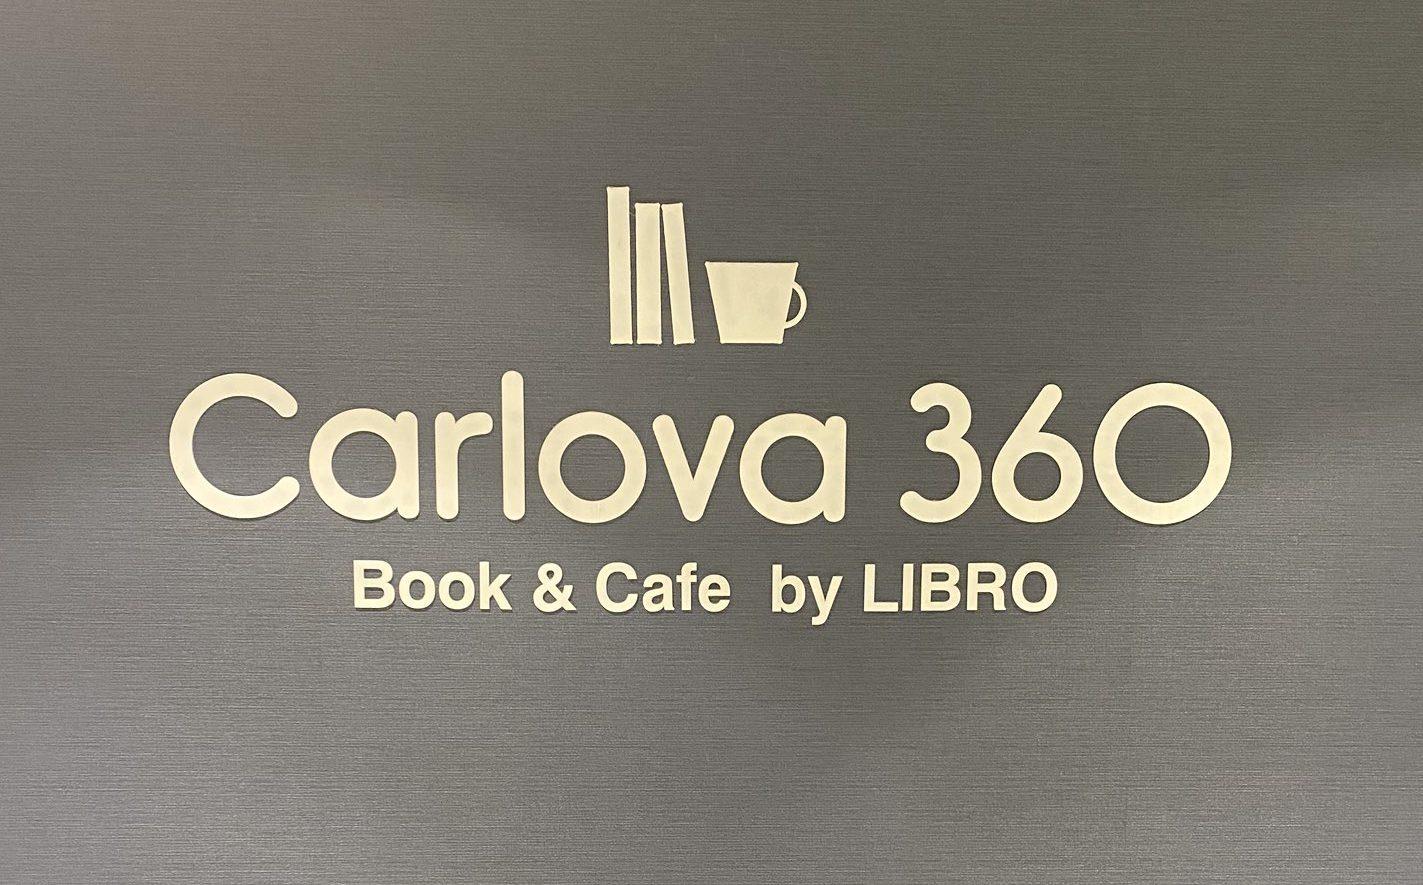 矢場駅直結 リモート・テレワークカフェスペース Carlova(カルロバ)360NAGOYA  名古屋パルコ Wi-Fi